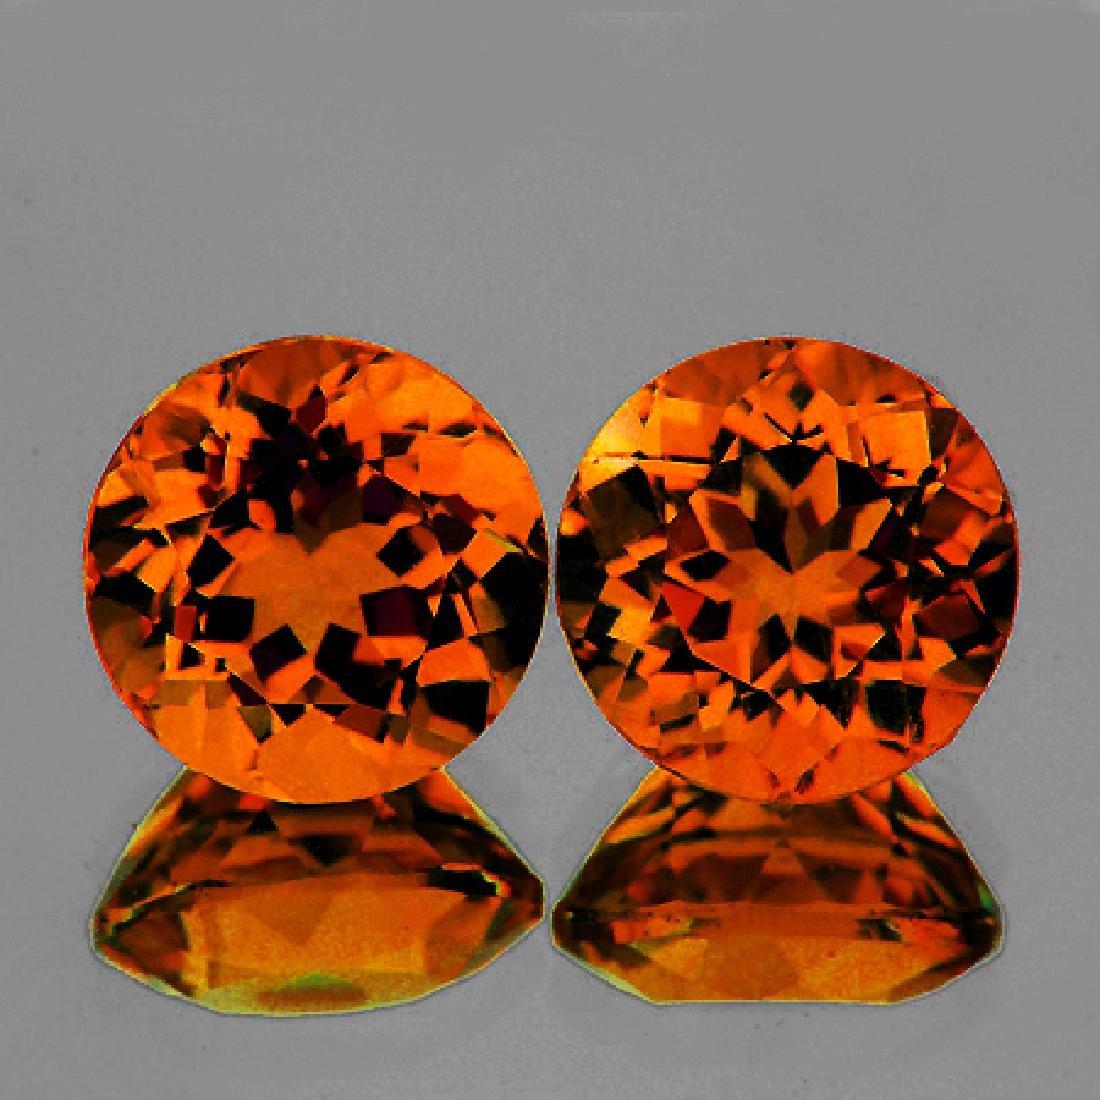 Natural AAA Mandarin Orange Spessartite 5.70 mm - VVS